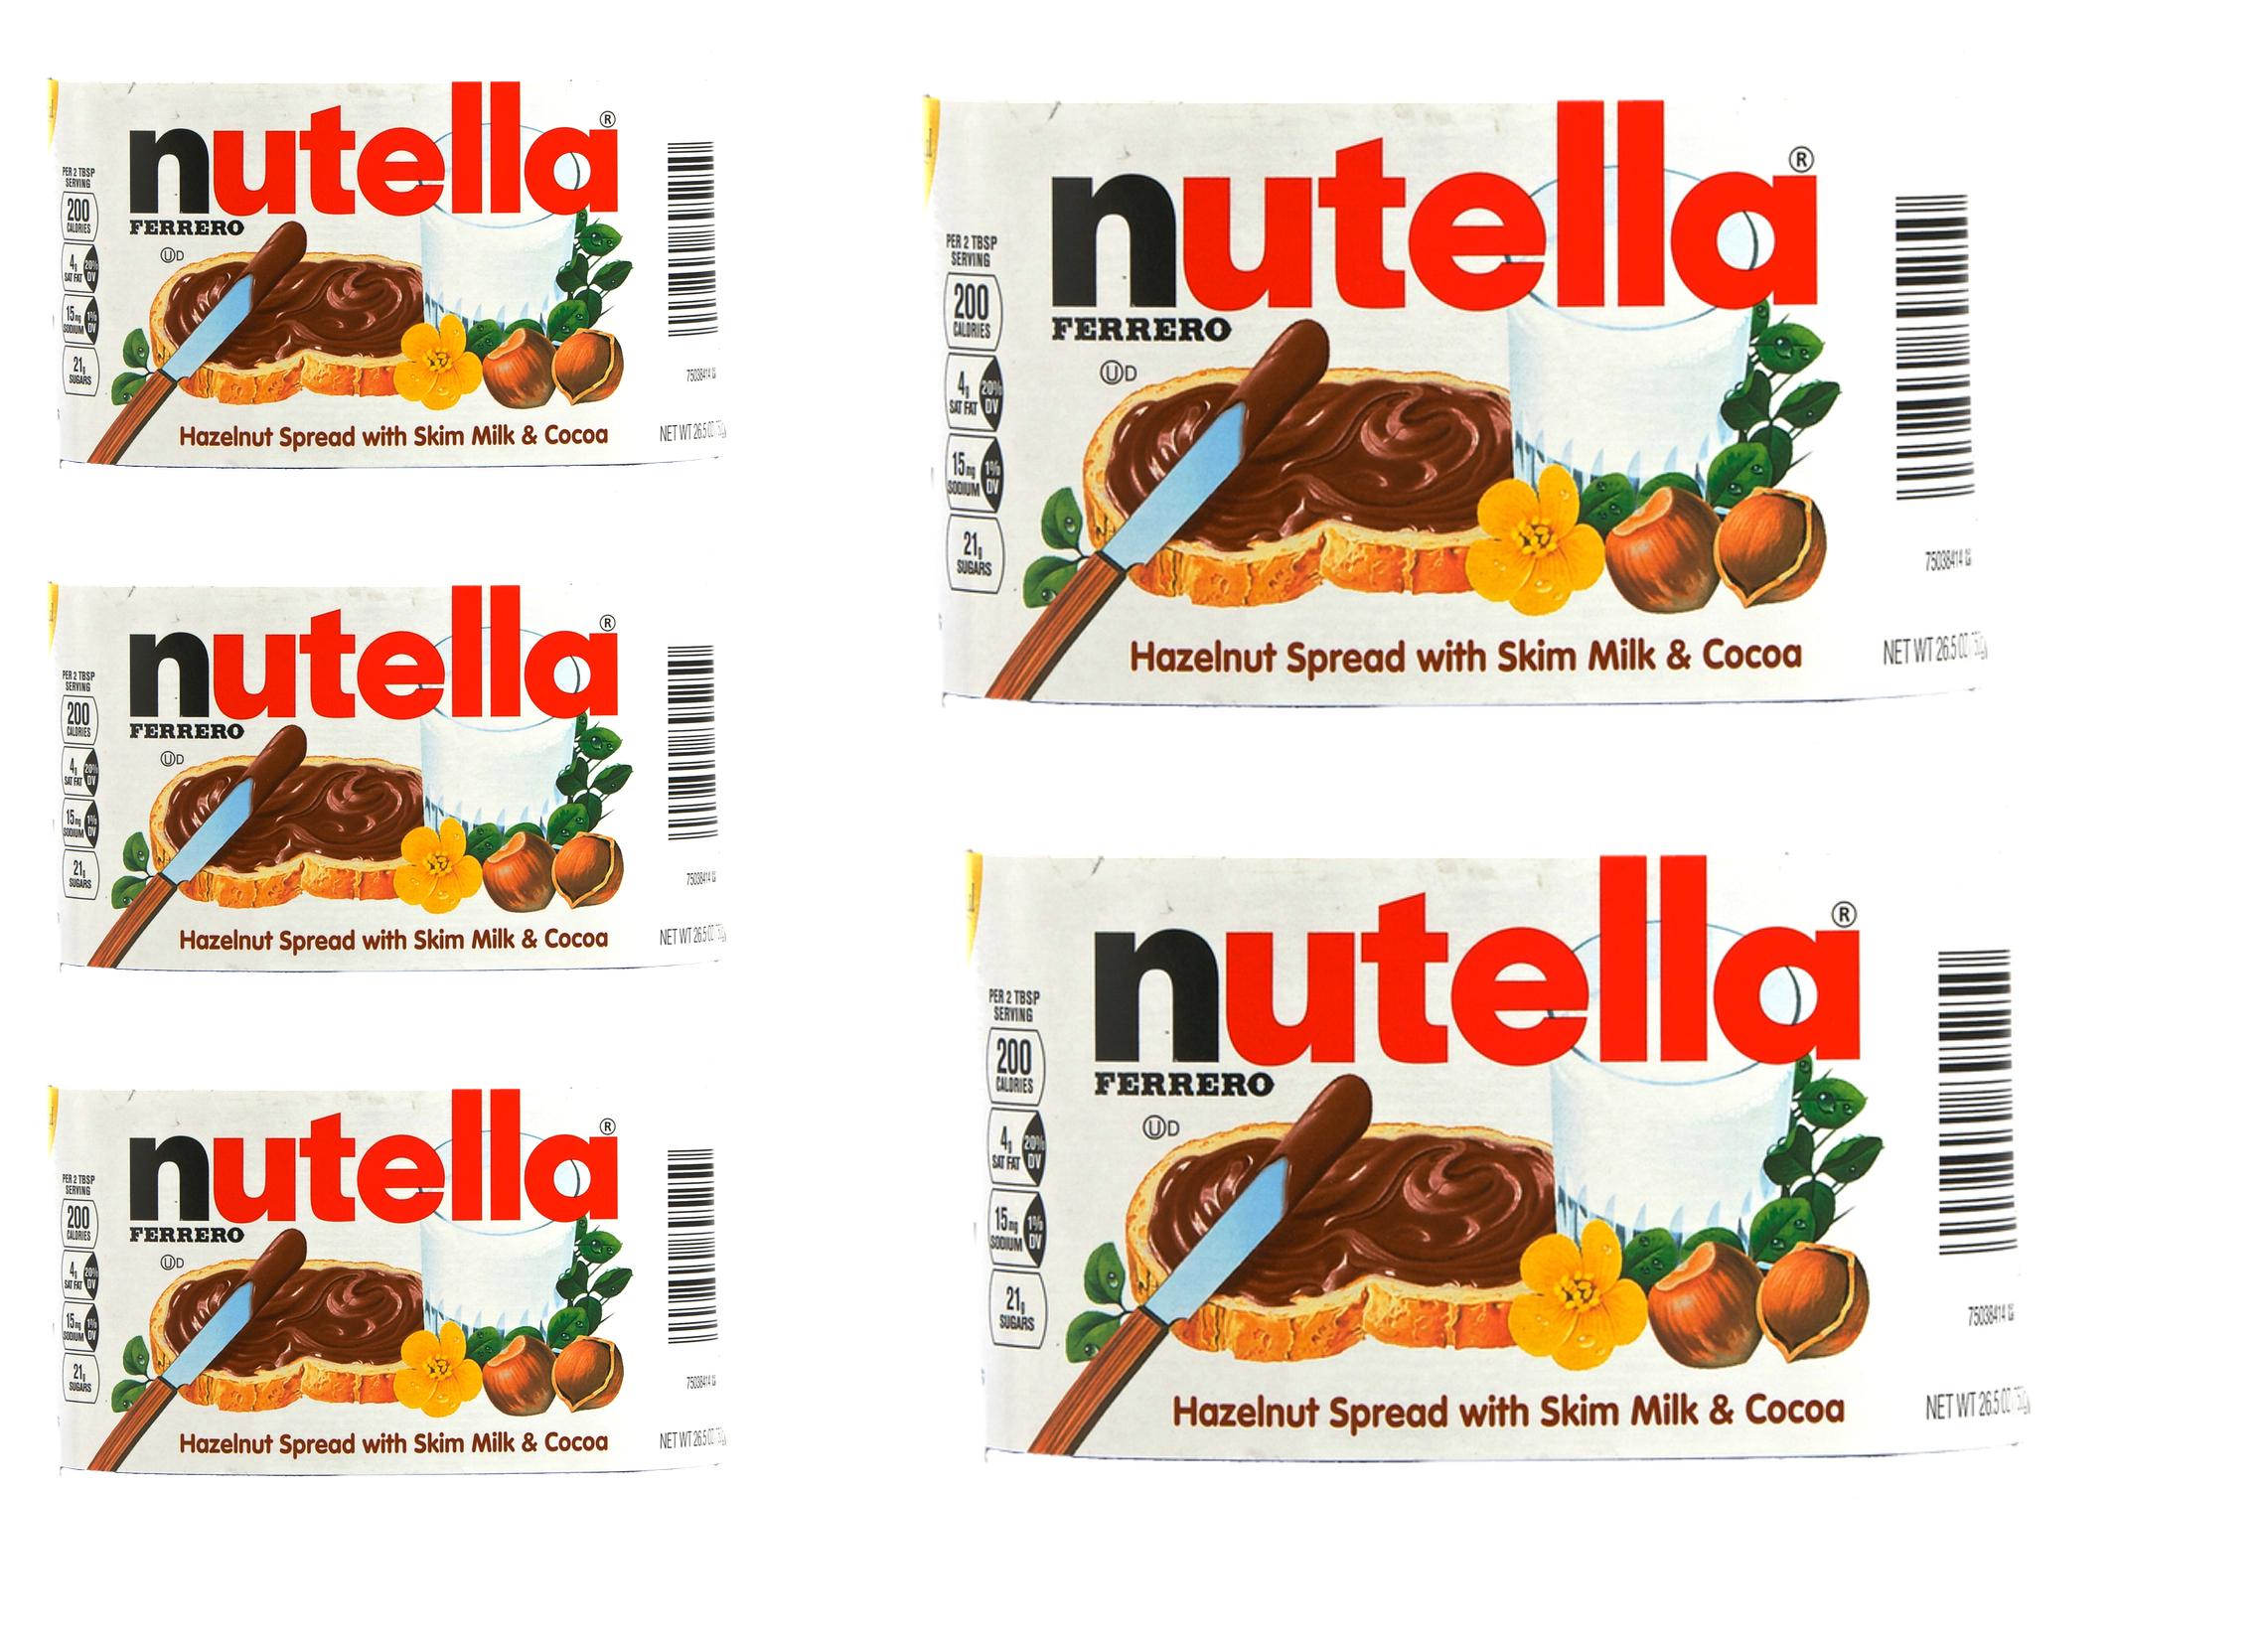 Imprimible para hacer bote de Nutella - Ideas2share